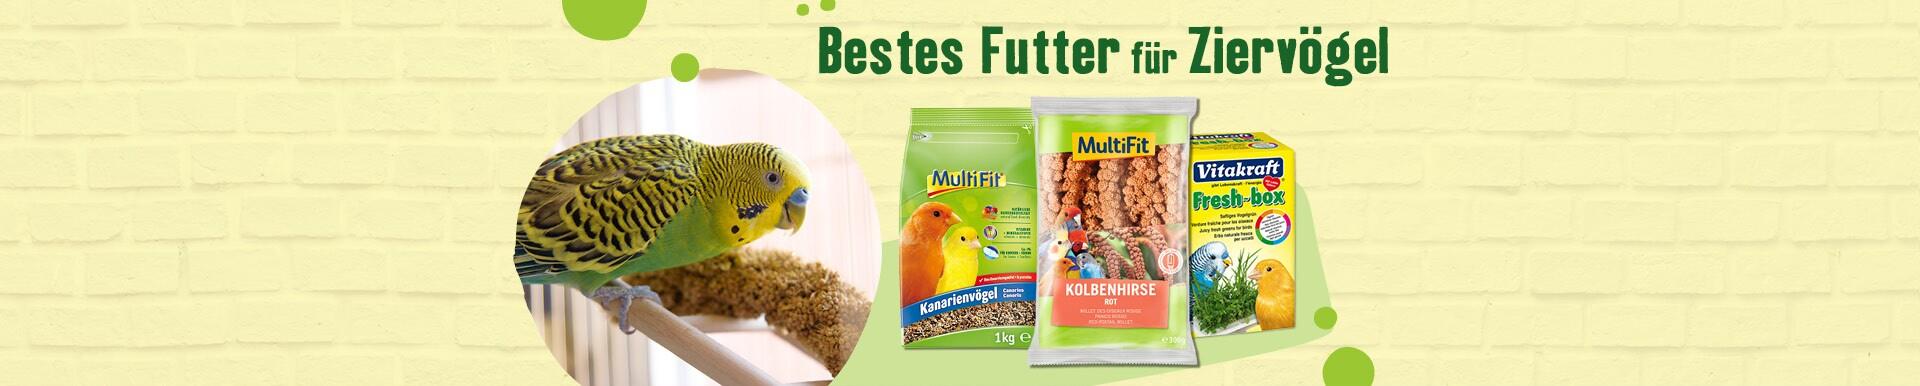 Bestes Futter für Ziervögel